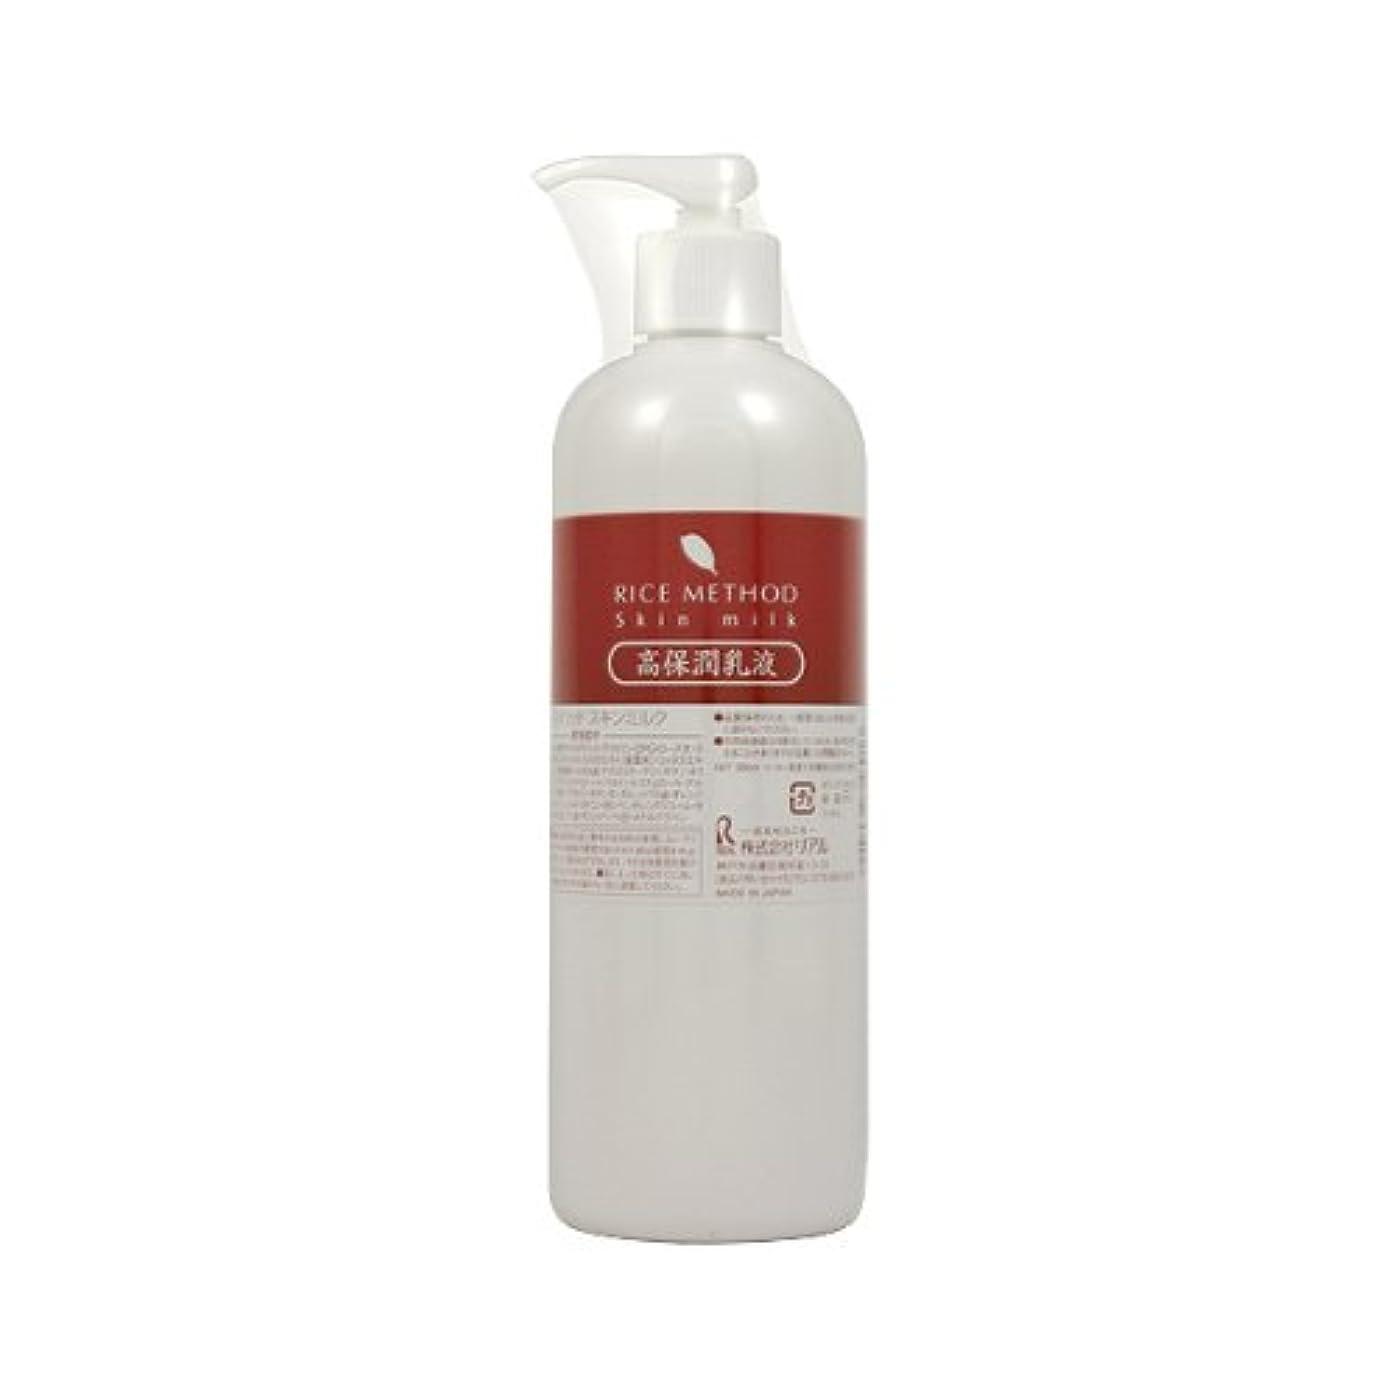 リアル ライスメソッド スキンミルク(高保湿乳液) 380ml